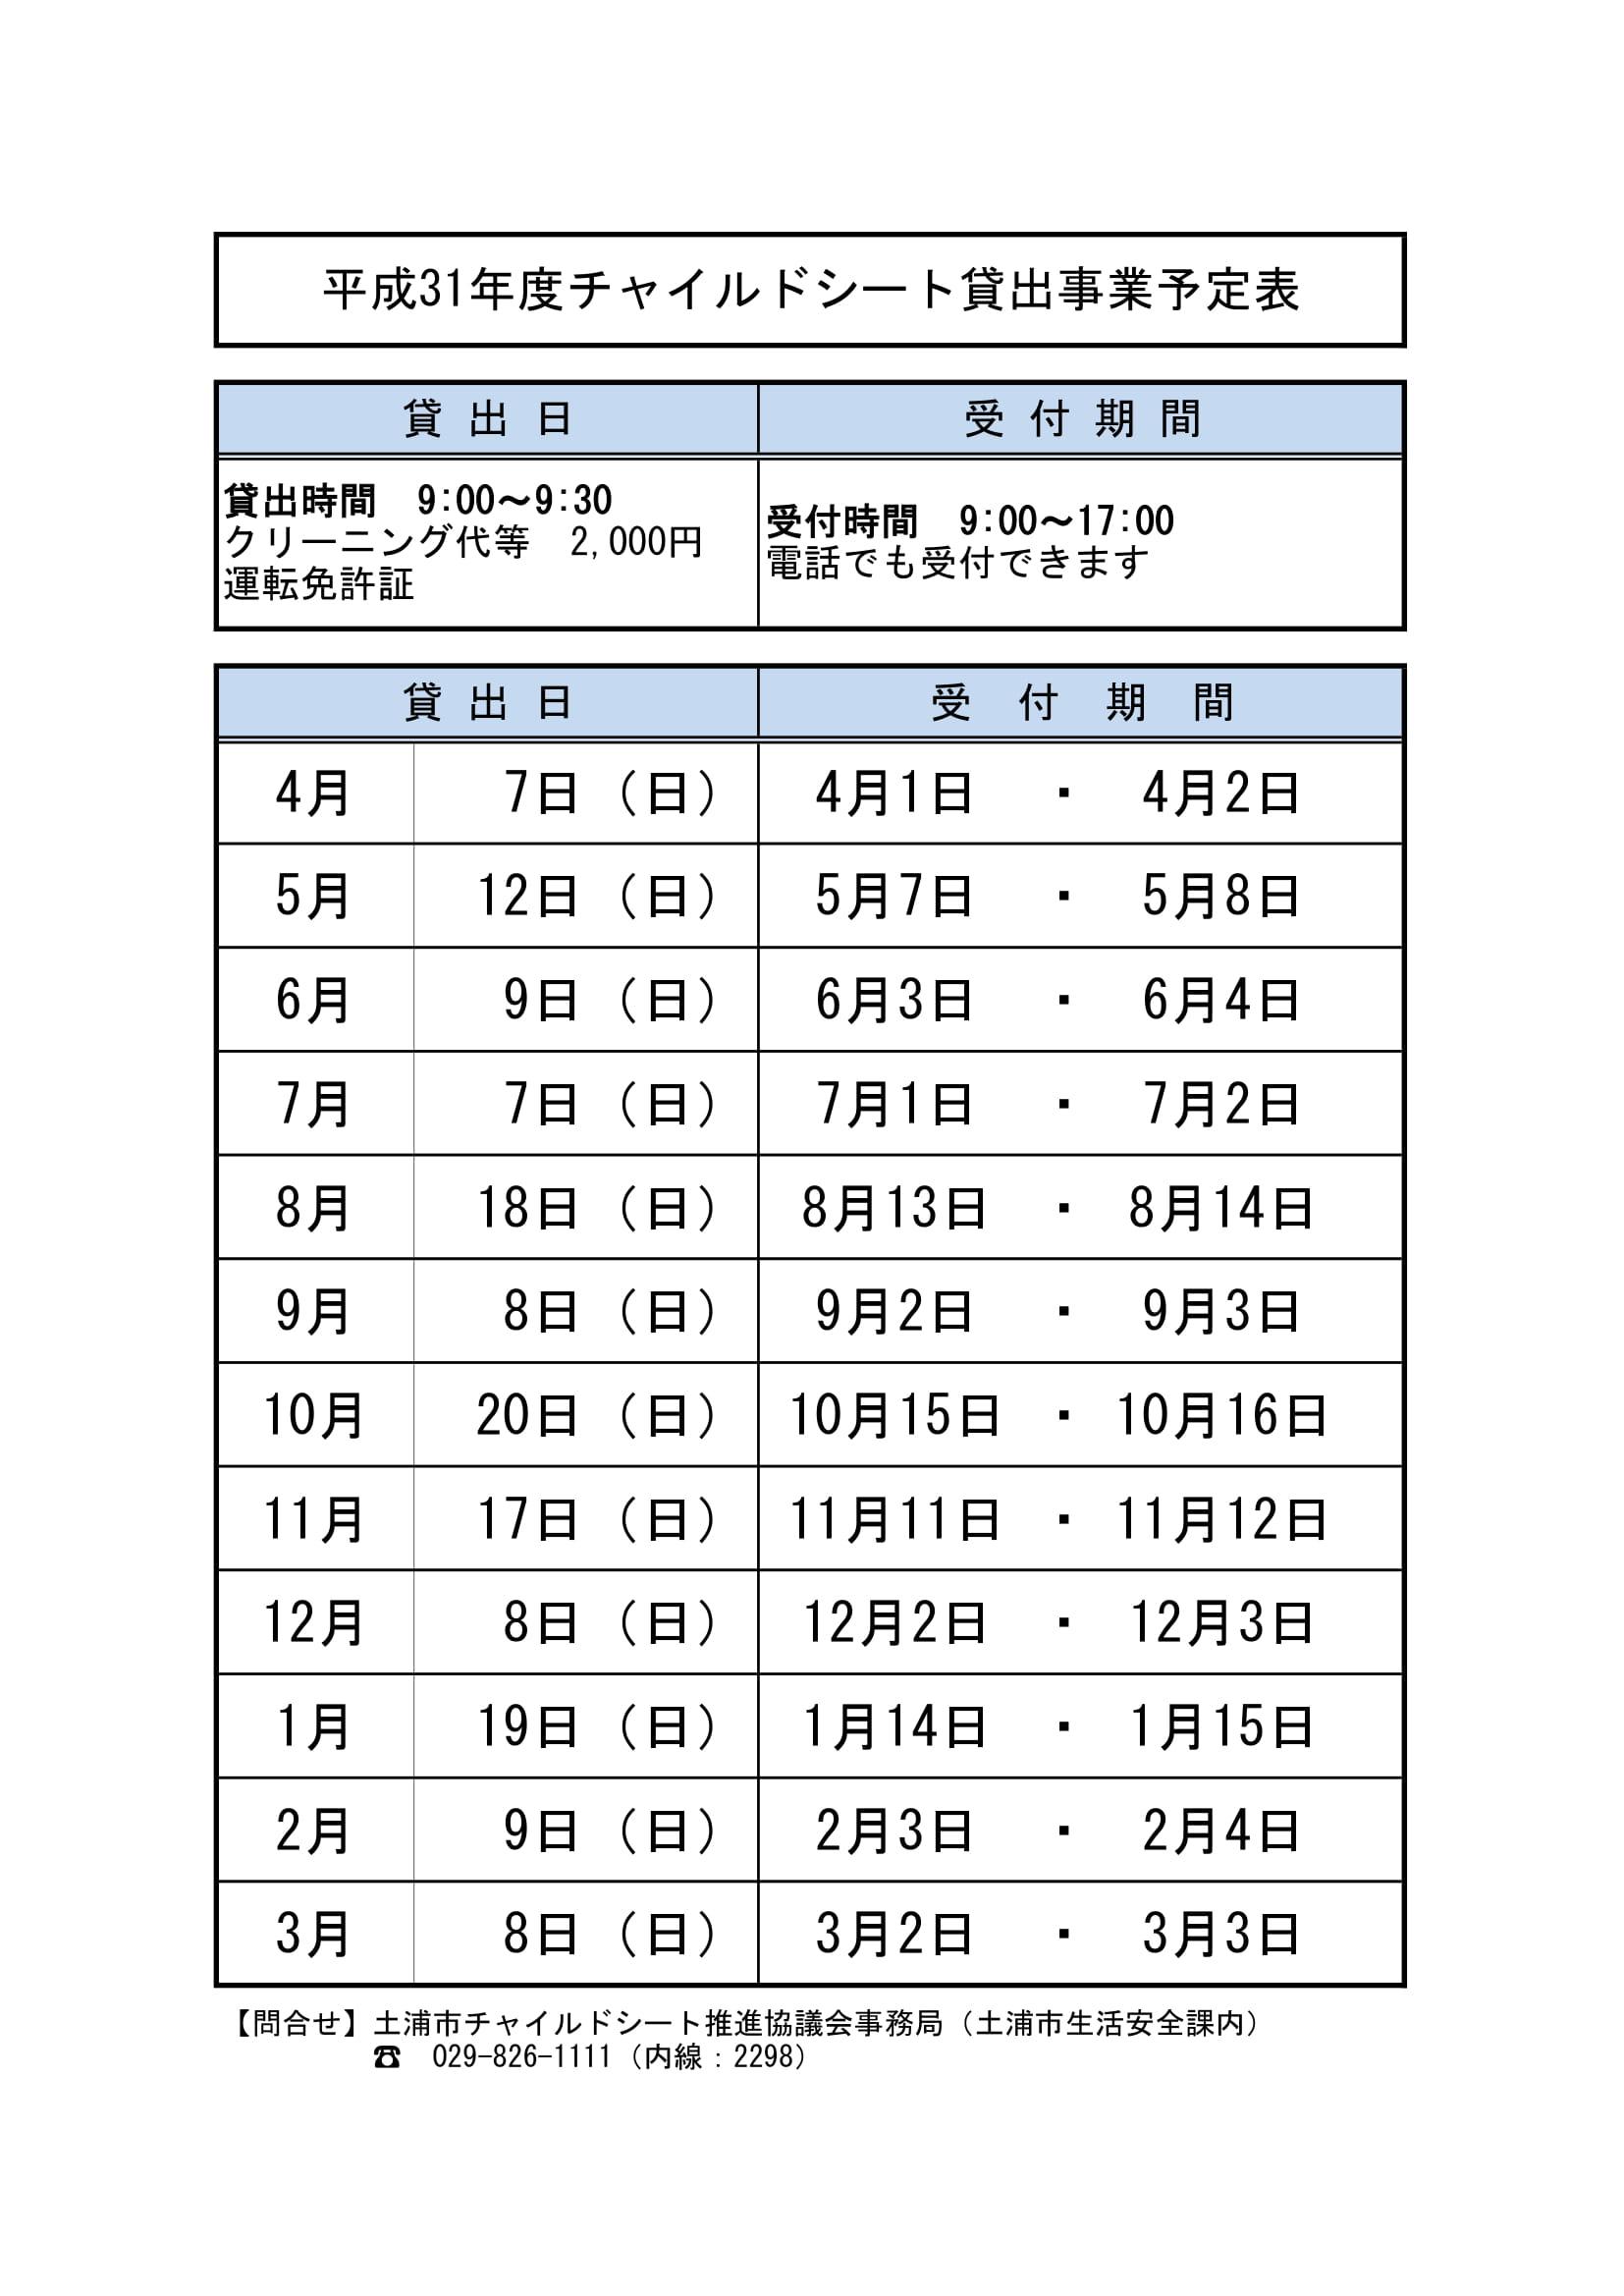 『『平成31年度チャイルドシート貸出事業予定表1』の画像』の画像